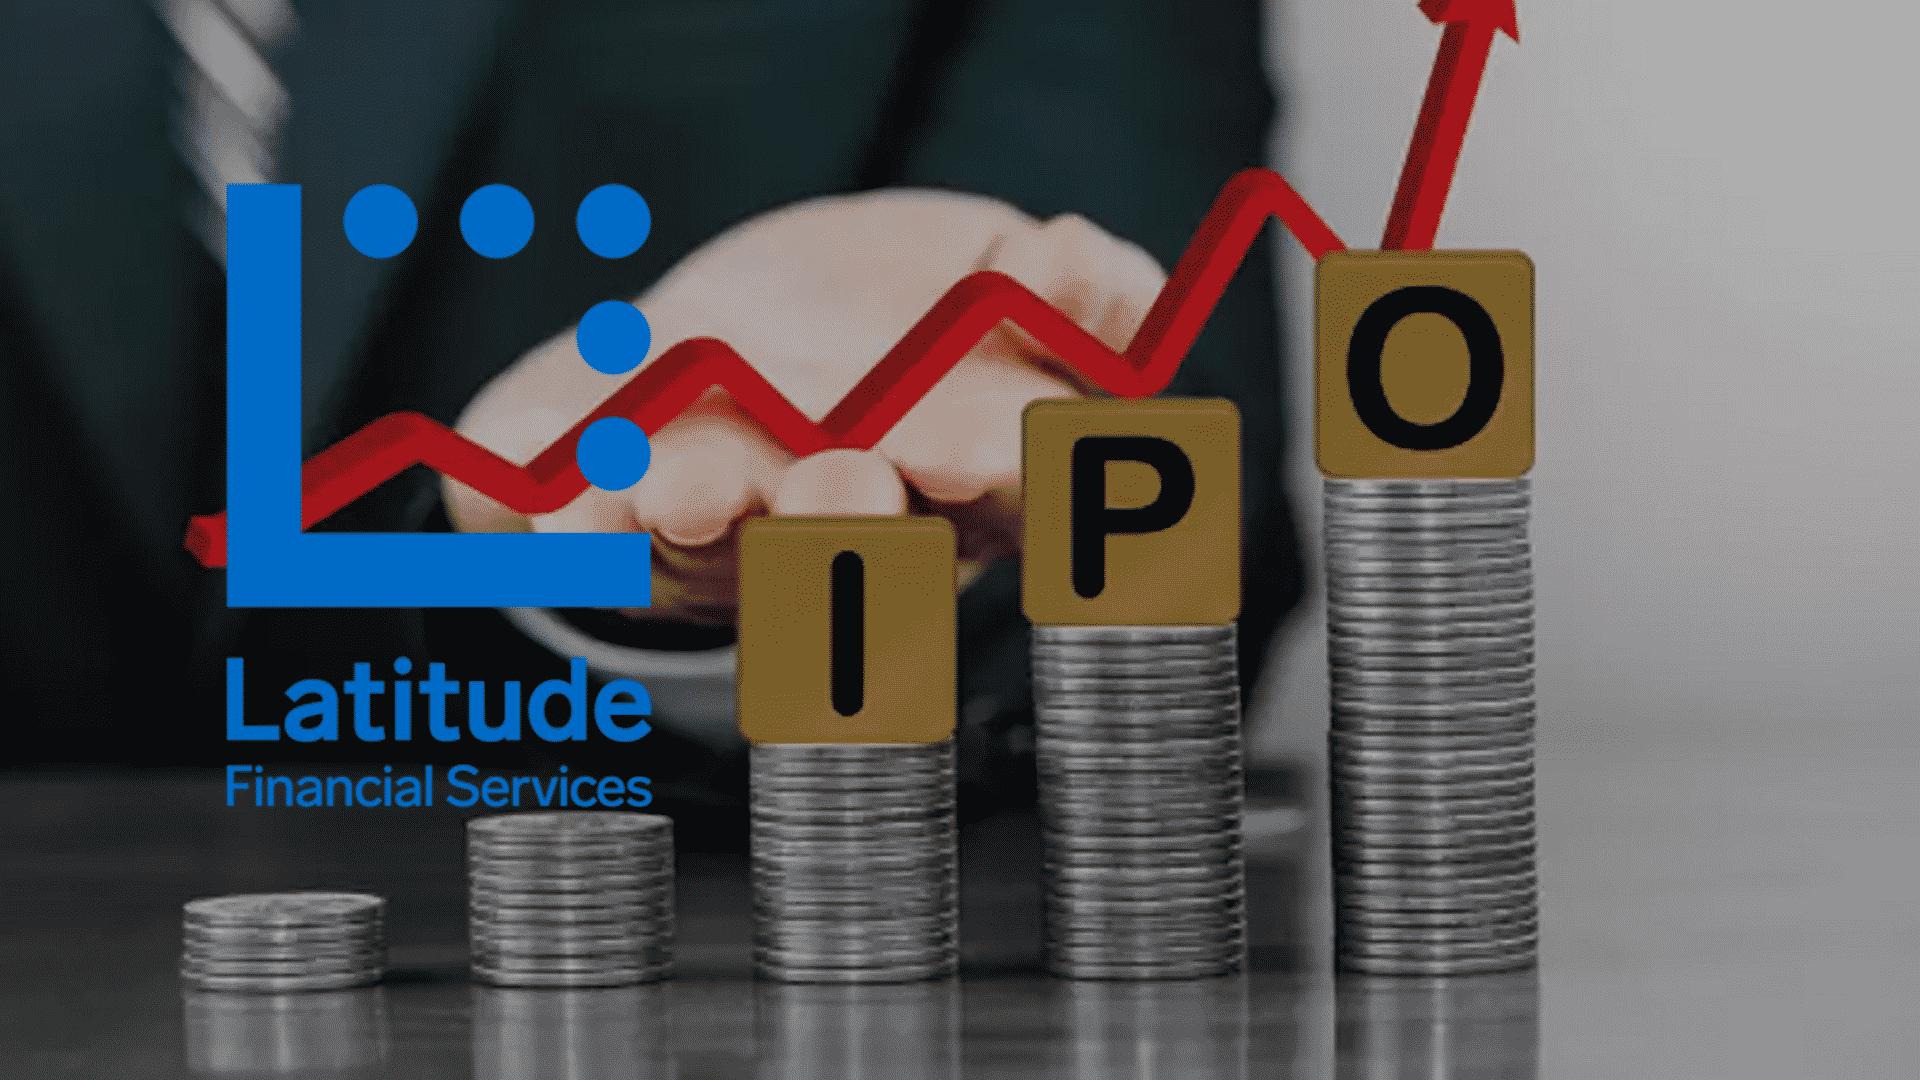 Ahead of Bookbuild, Latitude Financial IPO Set at $2